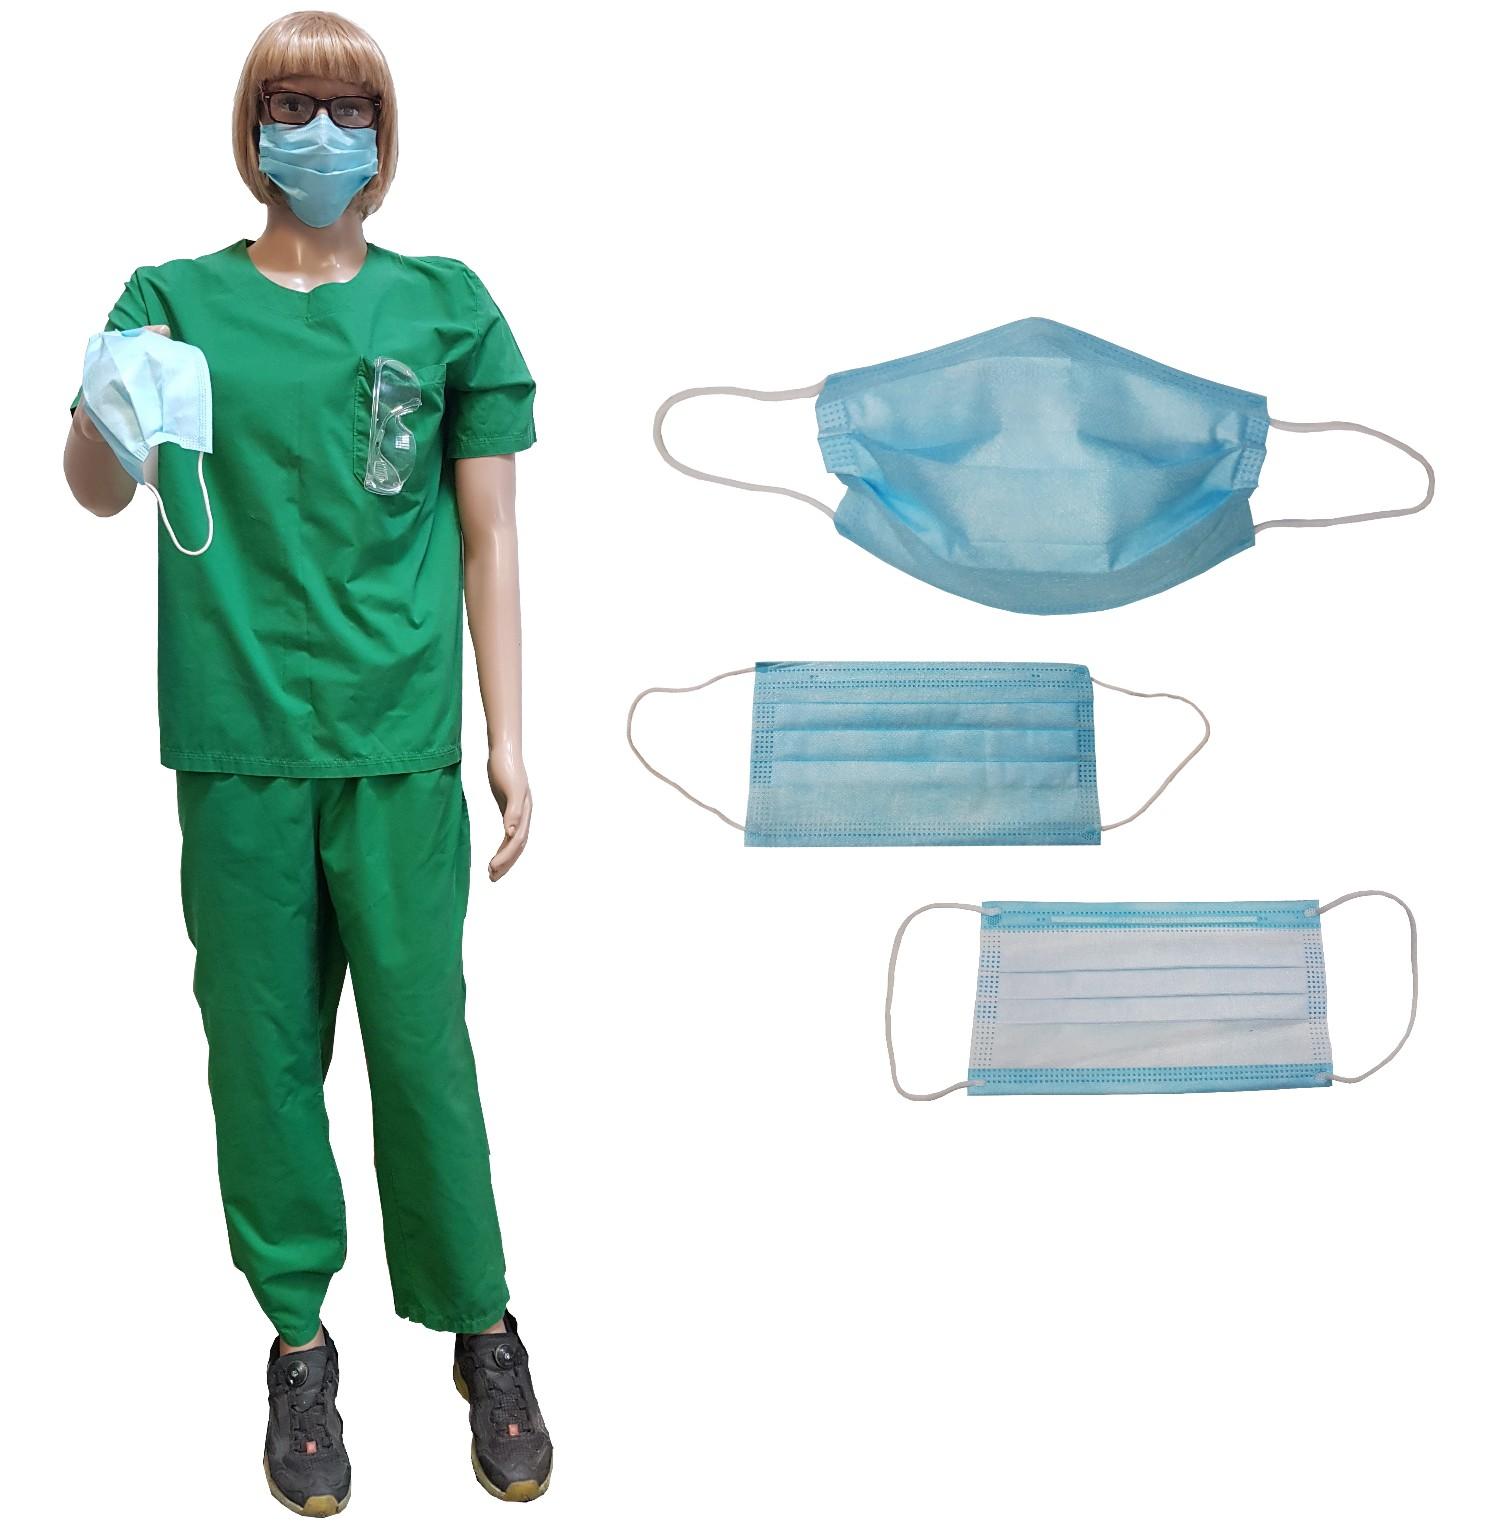 Mundschutz Coronavirus Welche